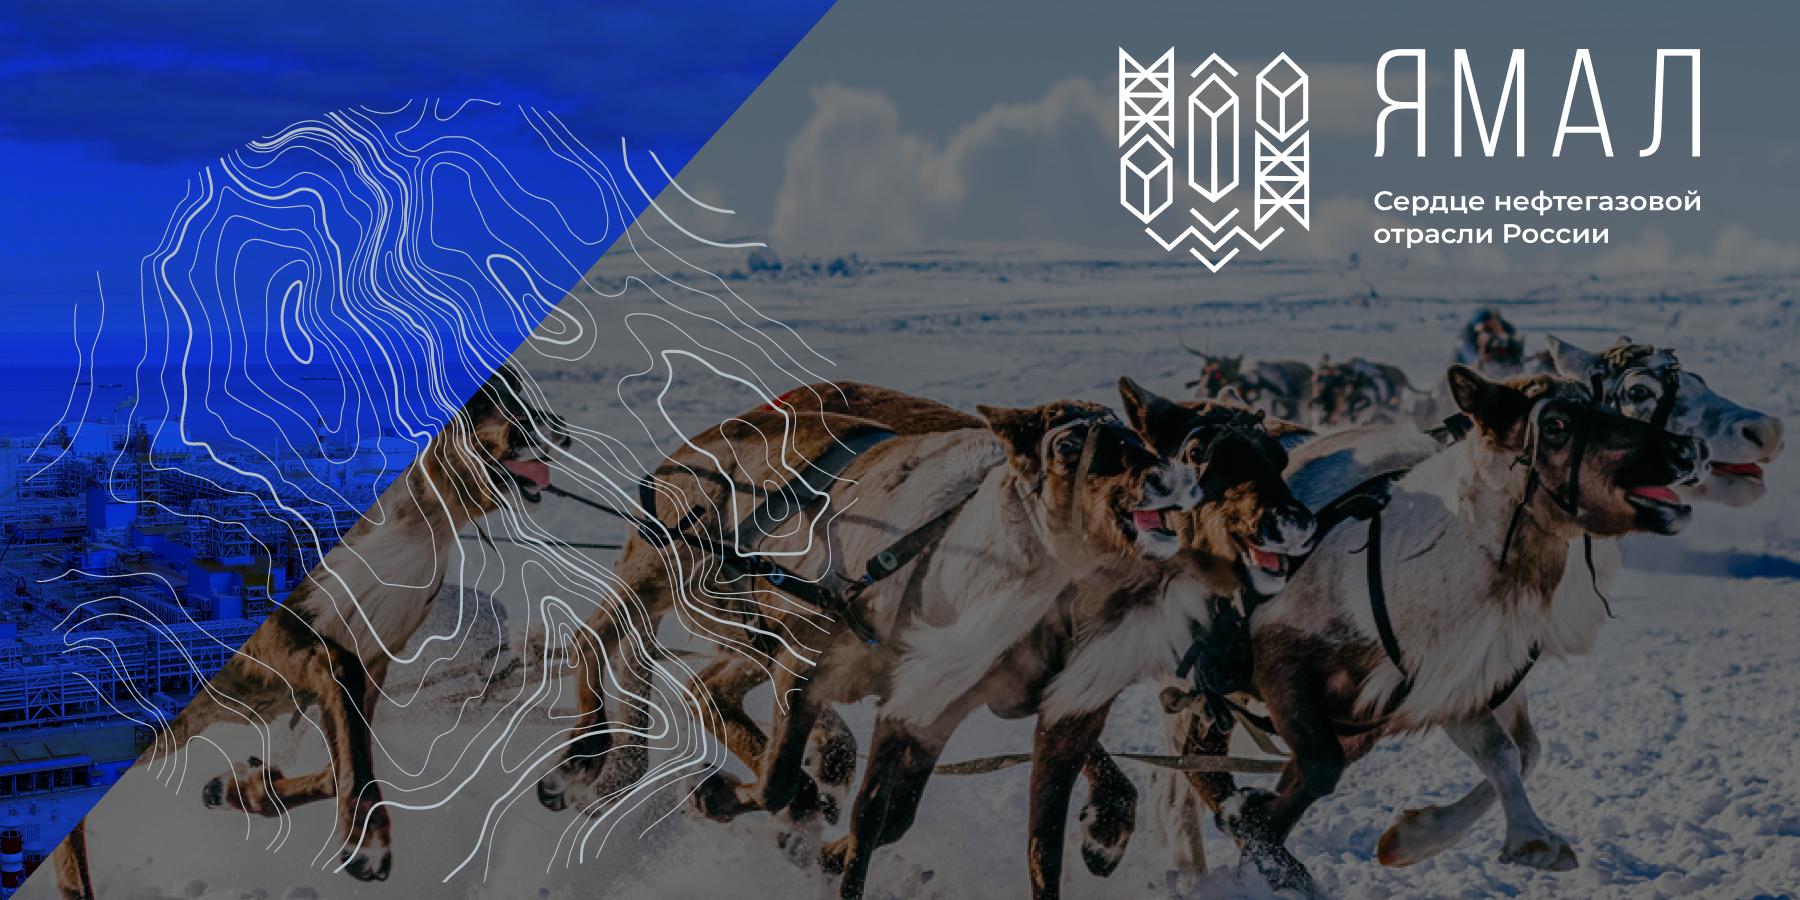 Встречайте обновления в медиапроекте «Ямал – сердце нефтегазовой отрасли России» - главном спецпроекте Neftegaz.RU 2020 года!